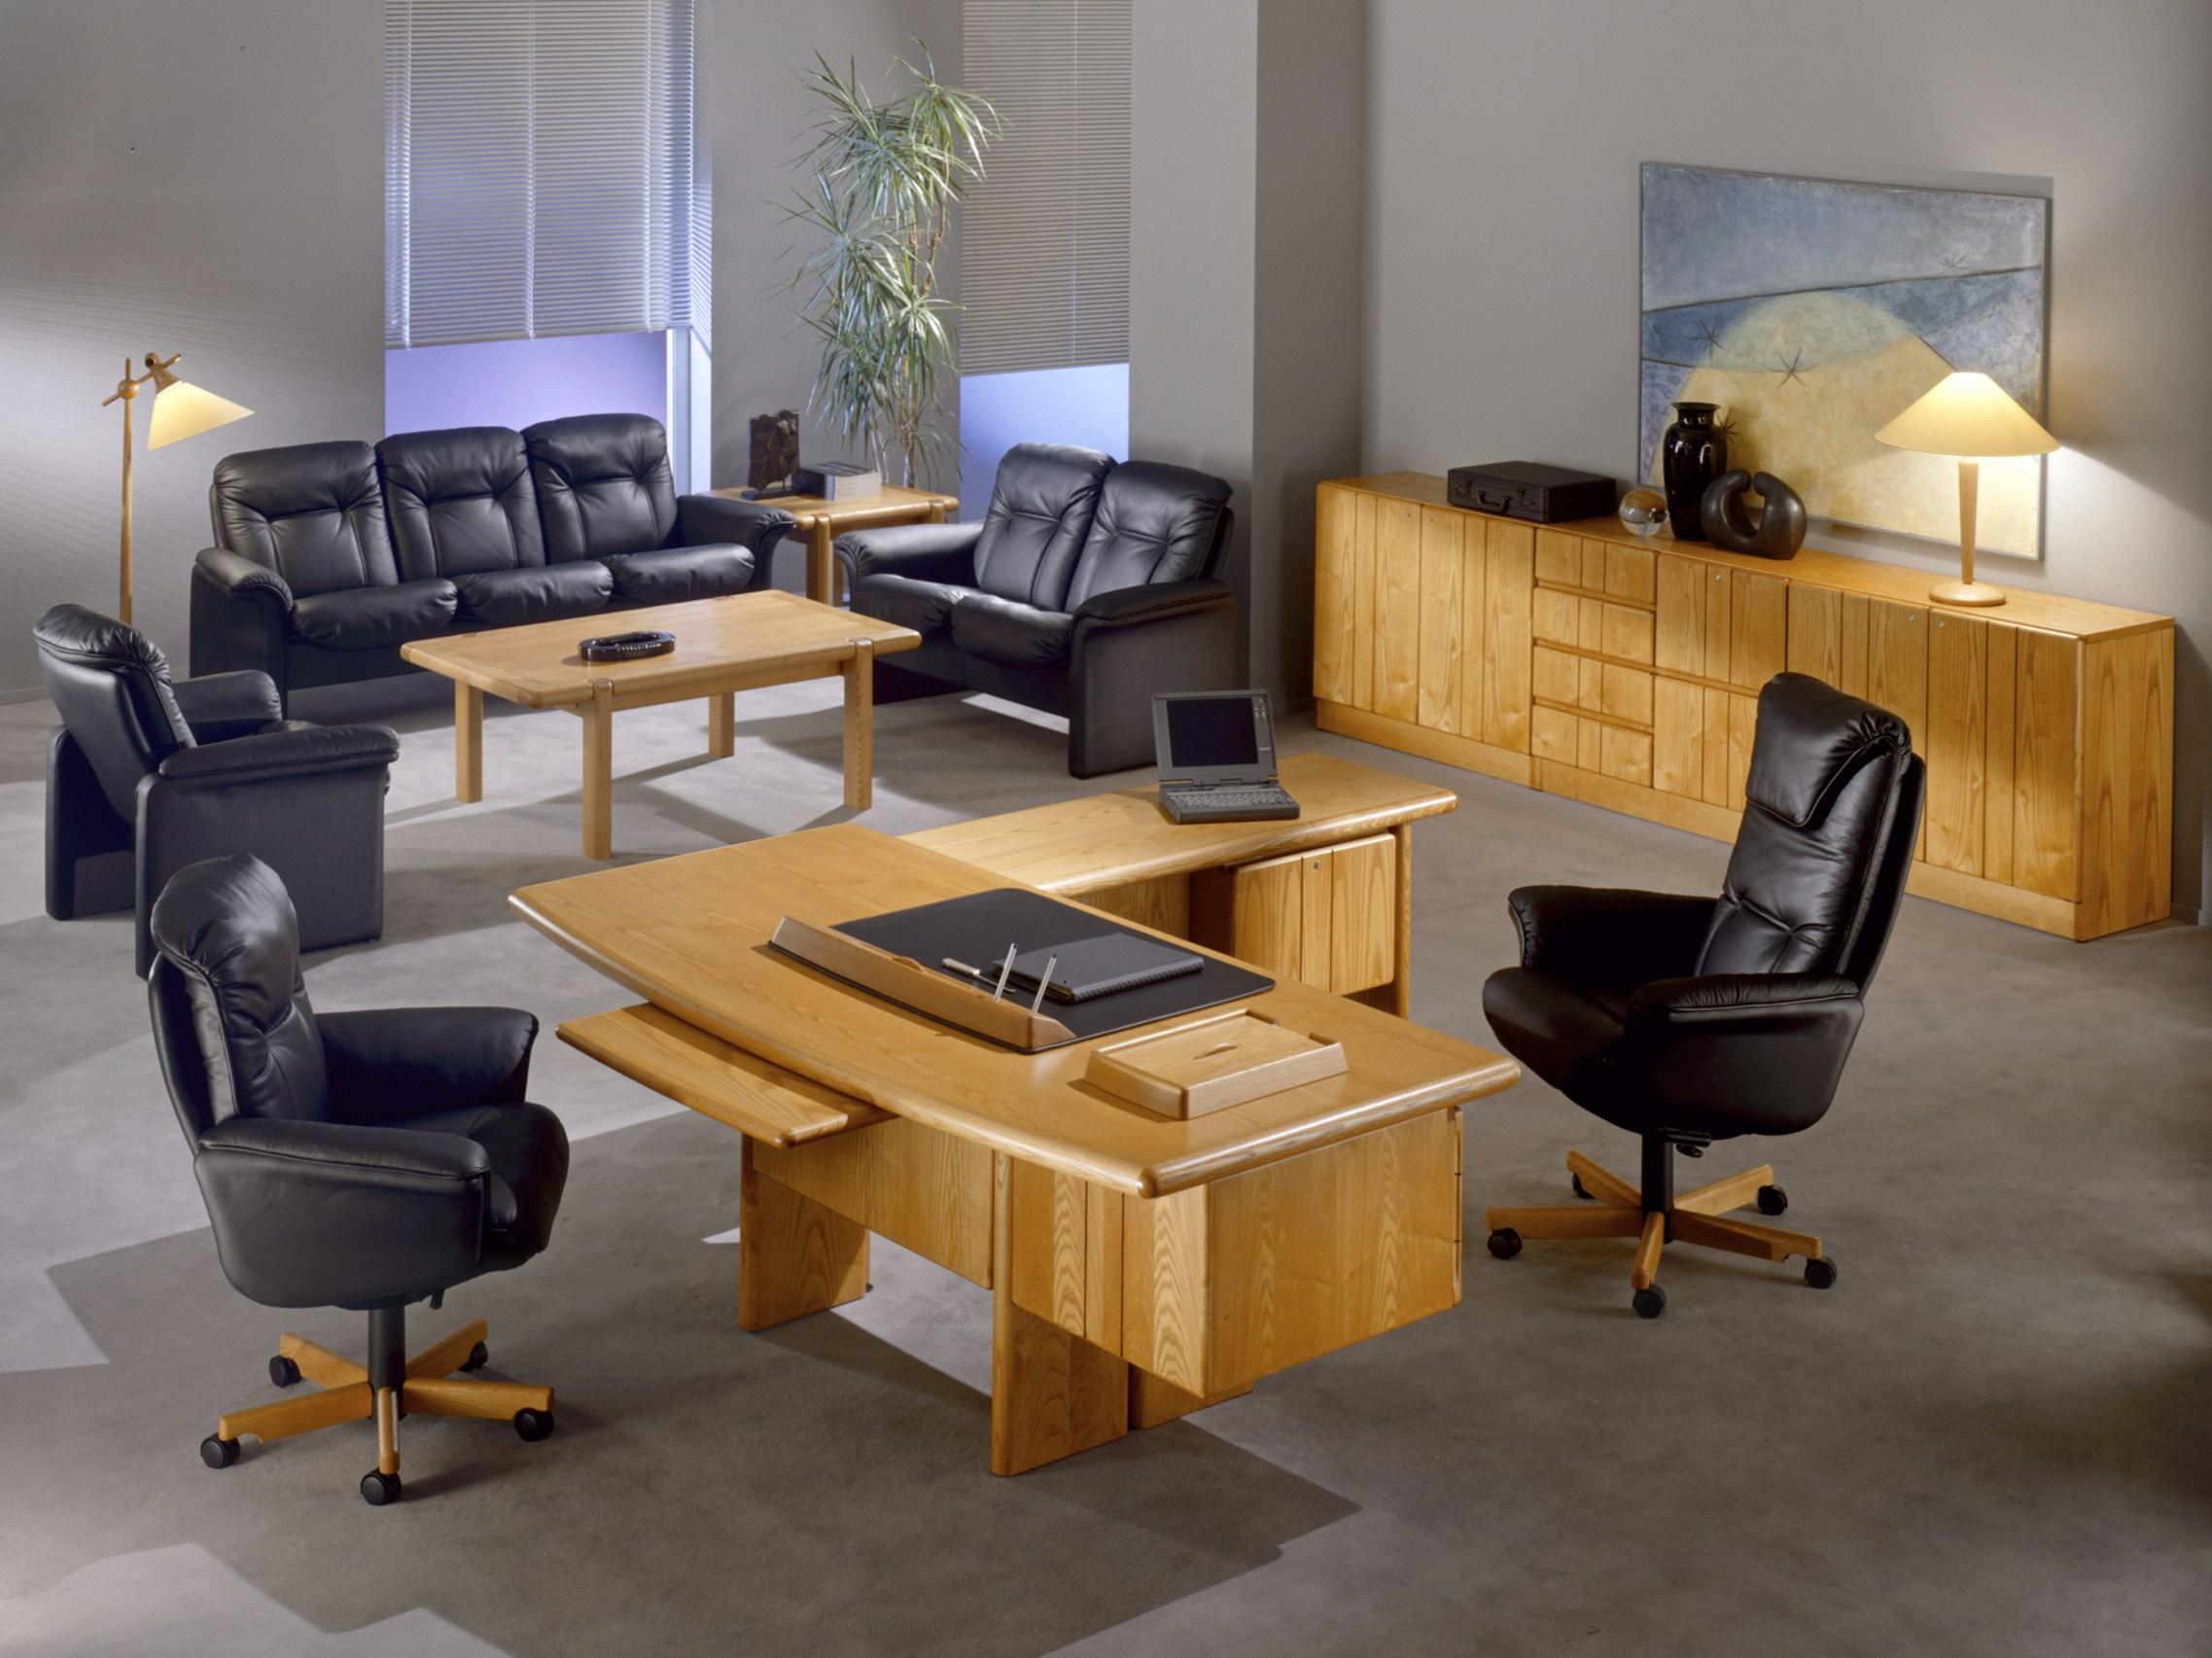 Ofis mobilyası alırken nelere dikkat etmeli